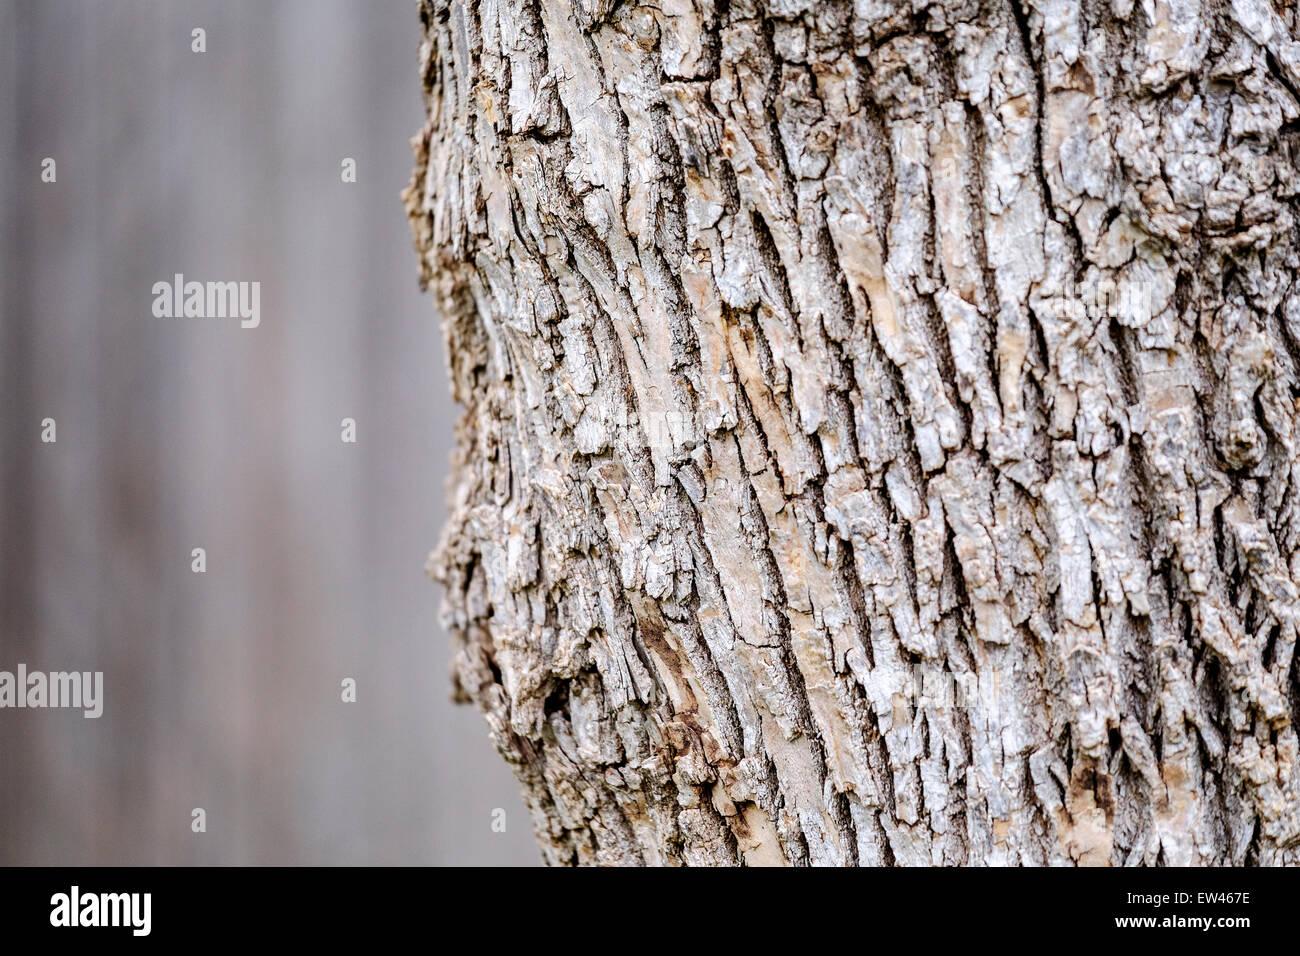 L'écorce d'un arbre frêne commun, Fraxinus excelsior, cultivés en Oklahoma, USA. Photo Stock